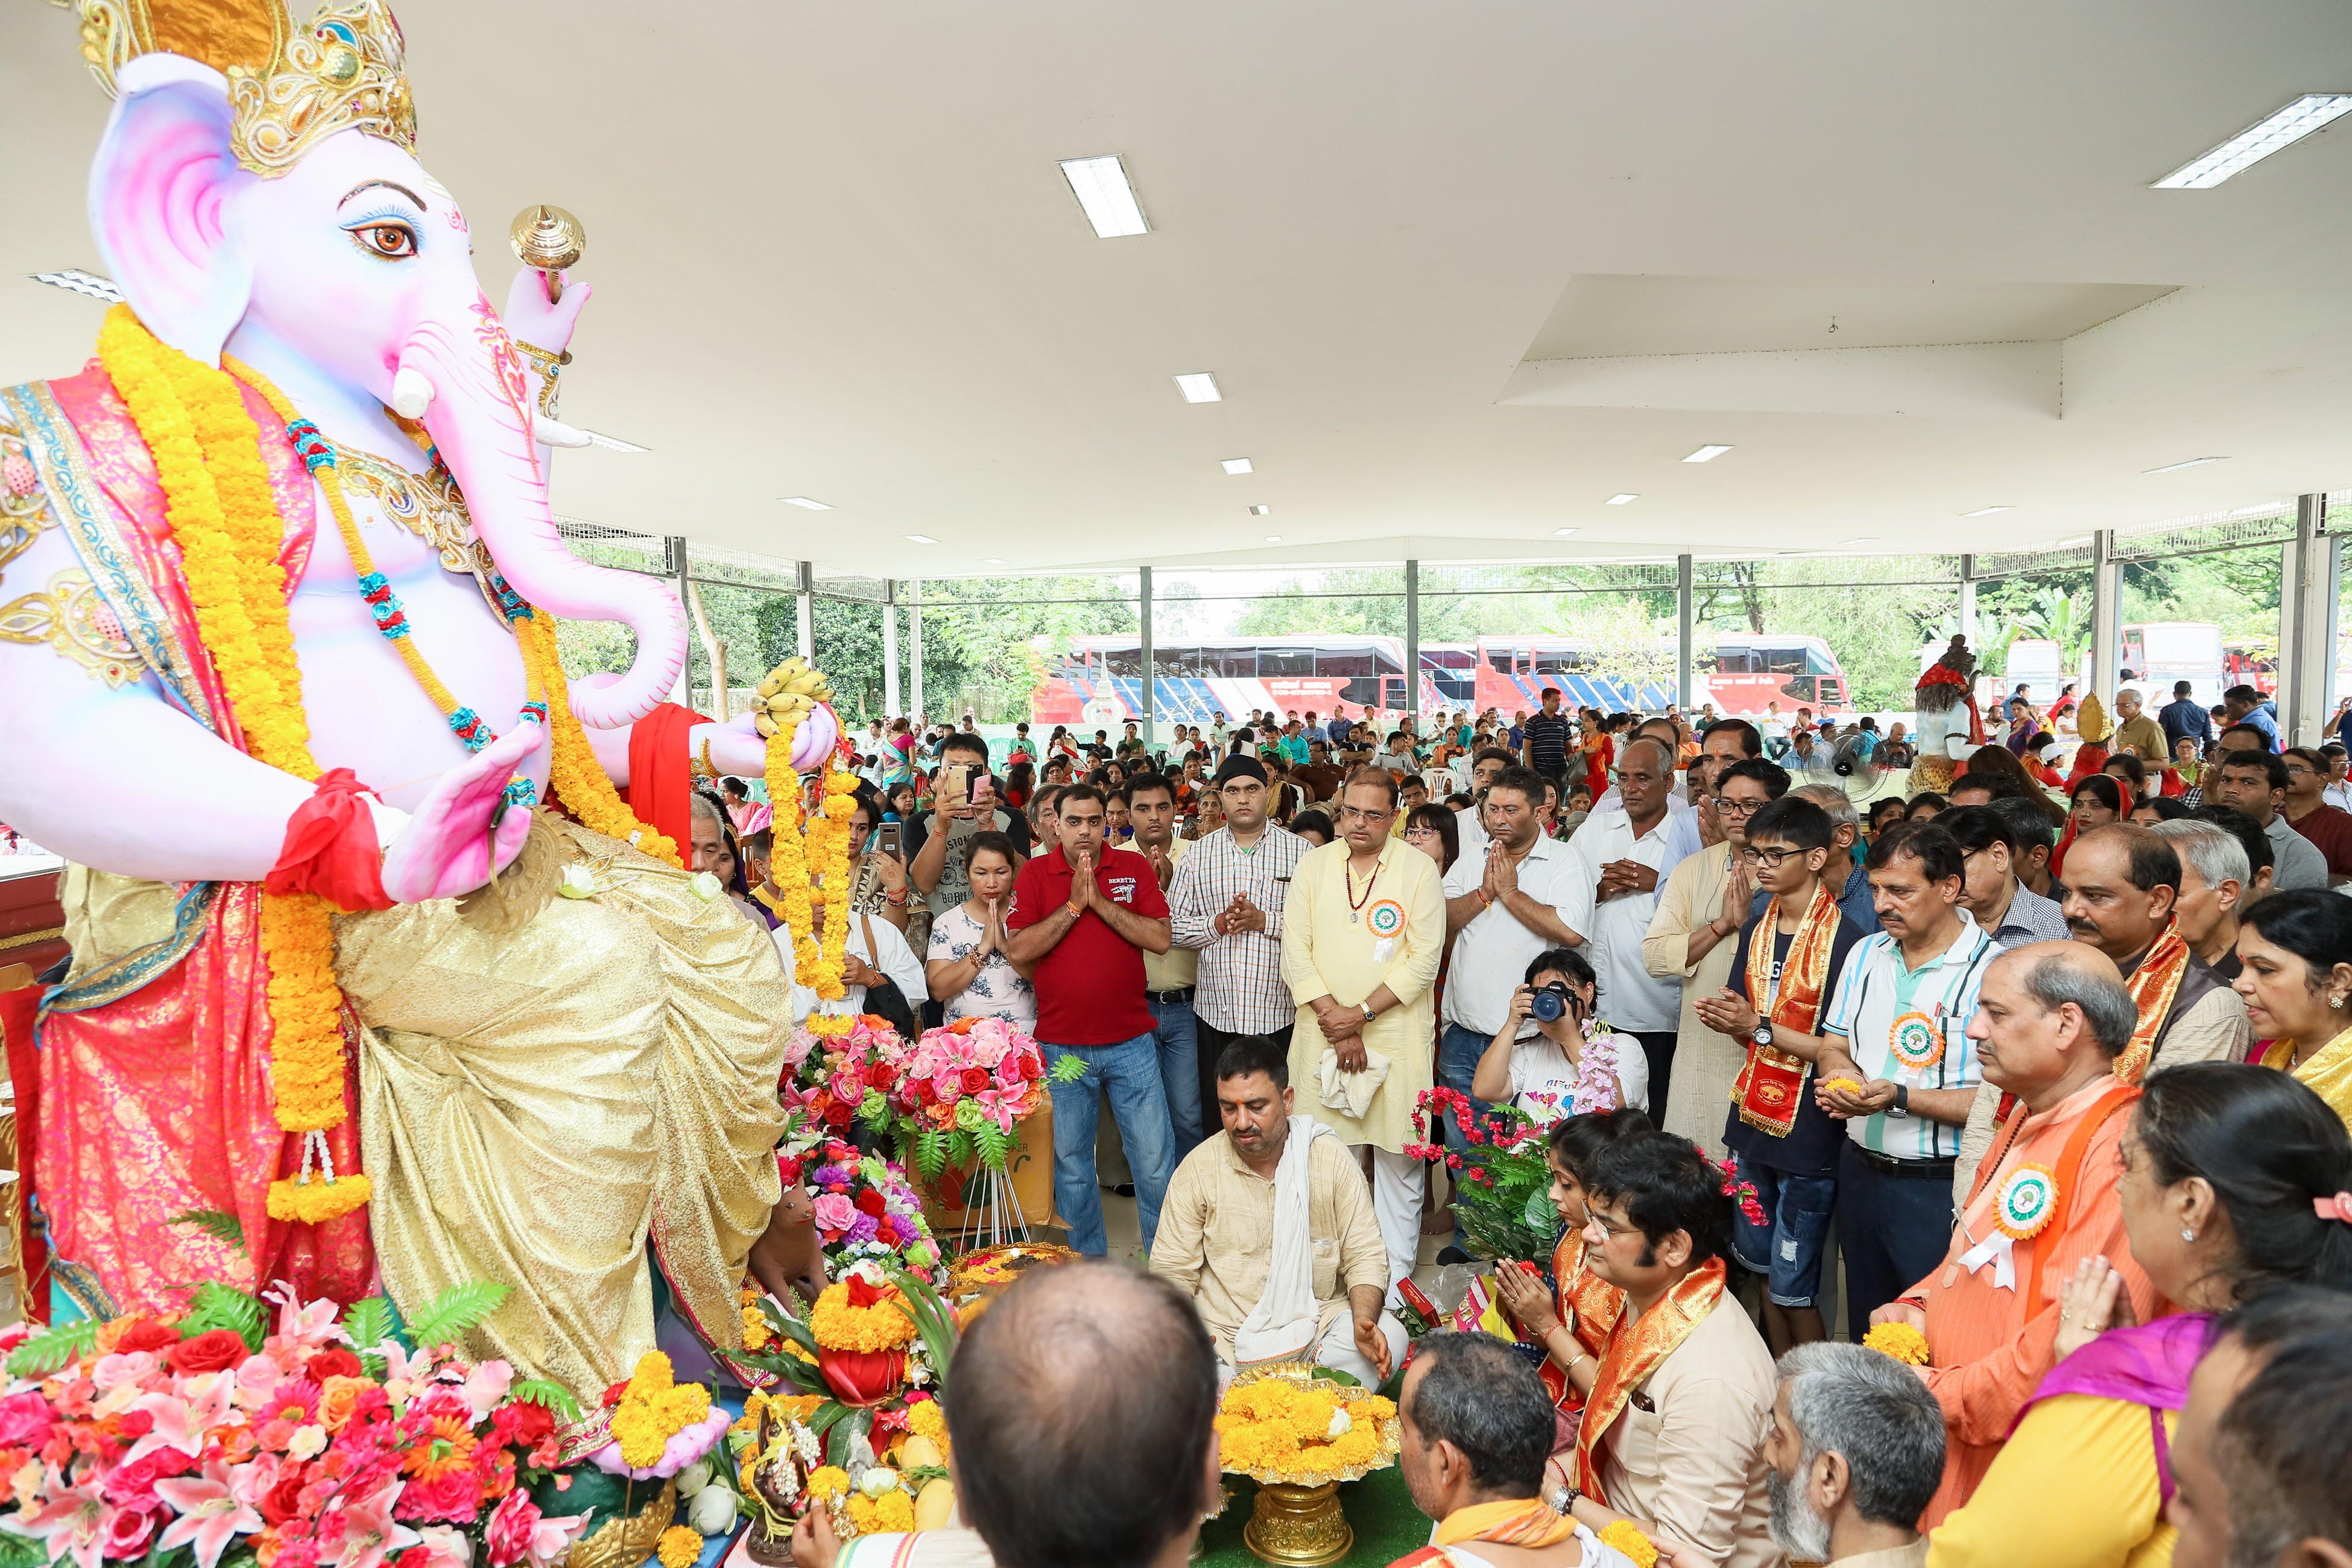 Ganesha-Festival-Bangkok-thailand-VHP